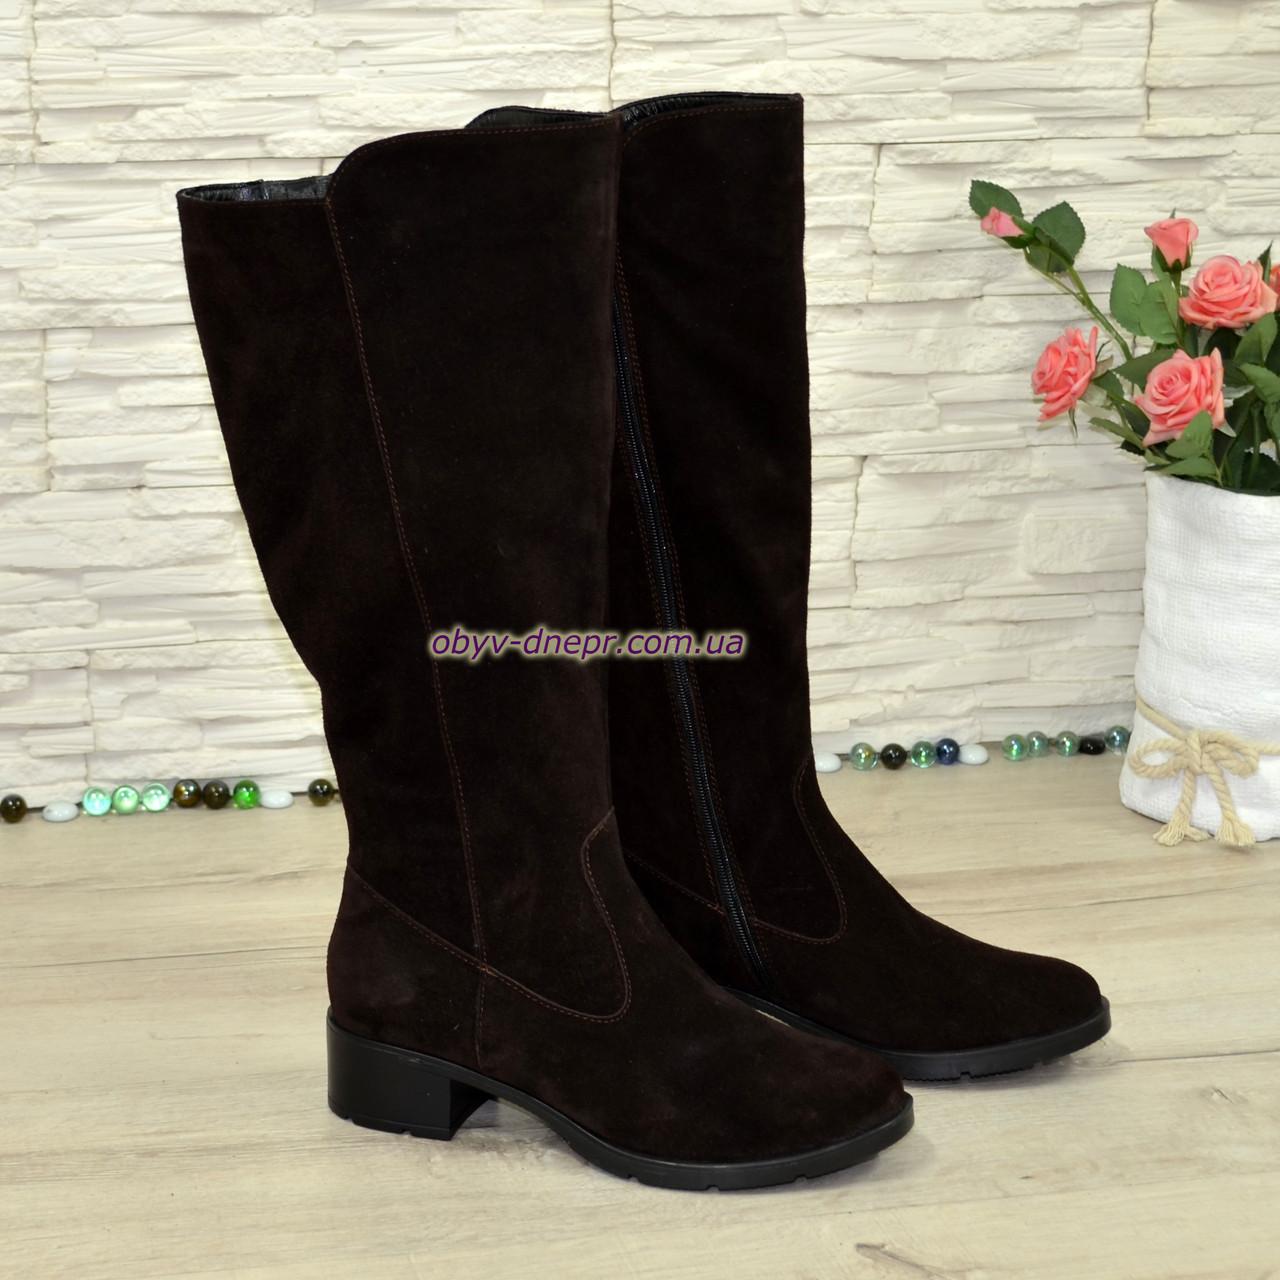 Сапоги женские замшевые зимние на невысоком каблуке